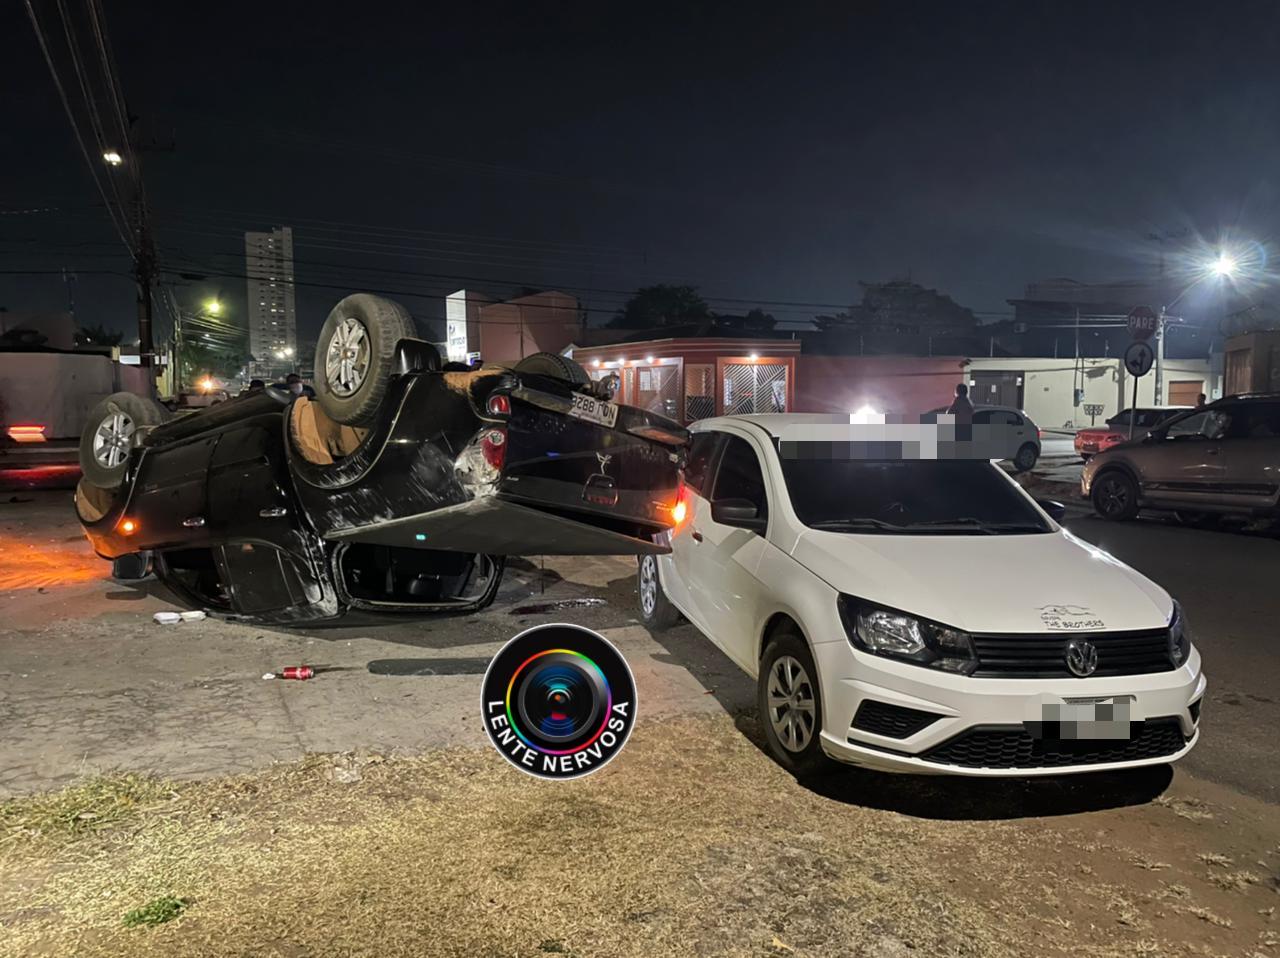 EXCLUSIVO – Capotamento de caminhonete foi registrado por câmera – ASSISTA